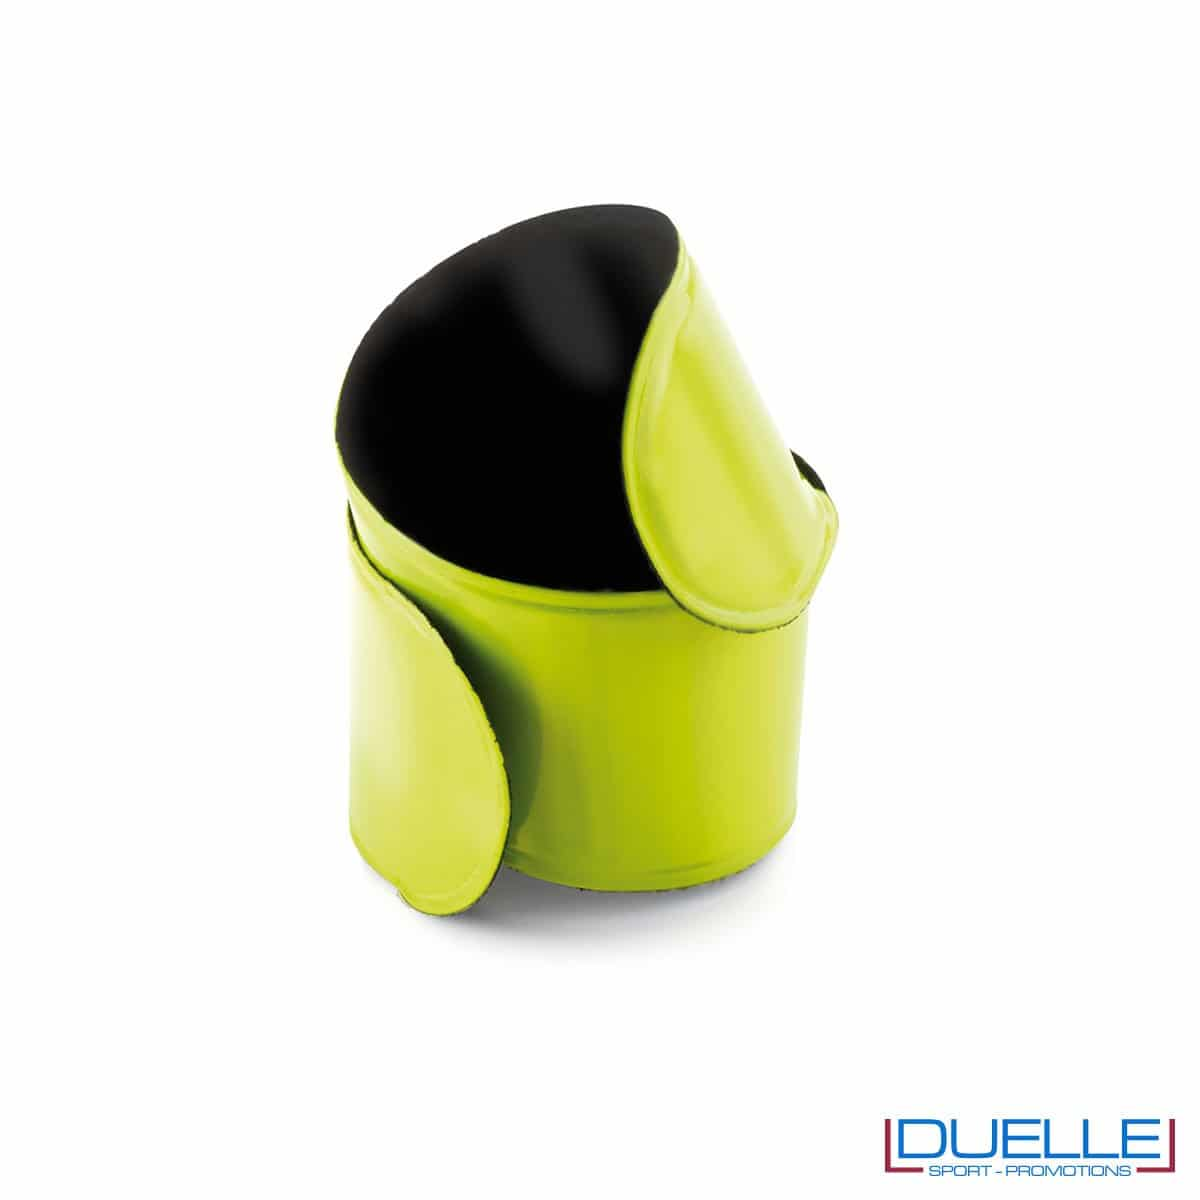 bracciale catarifrangente personalizzato autoavvolgente in colore giallo, bracciale running personalizzato